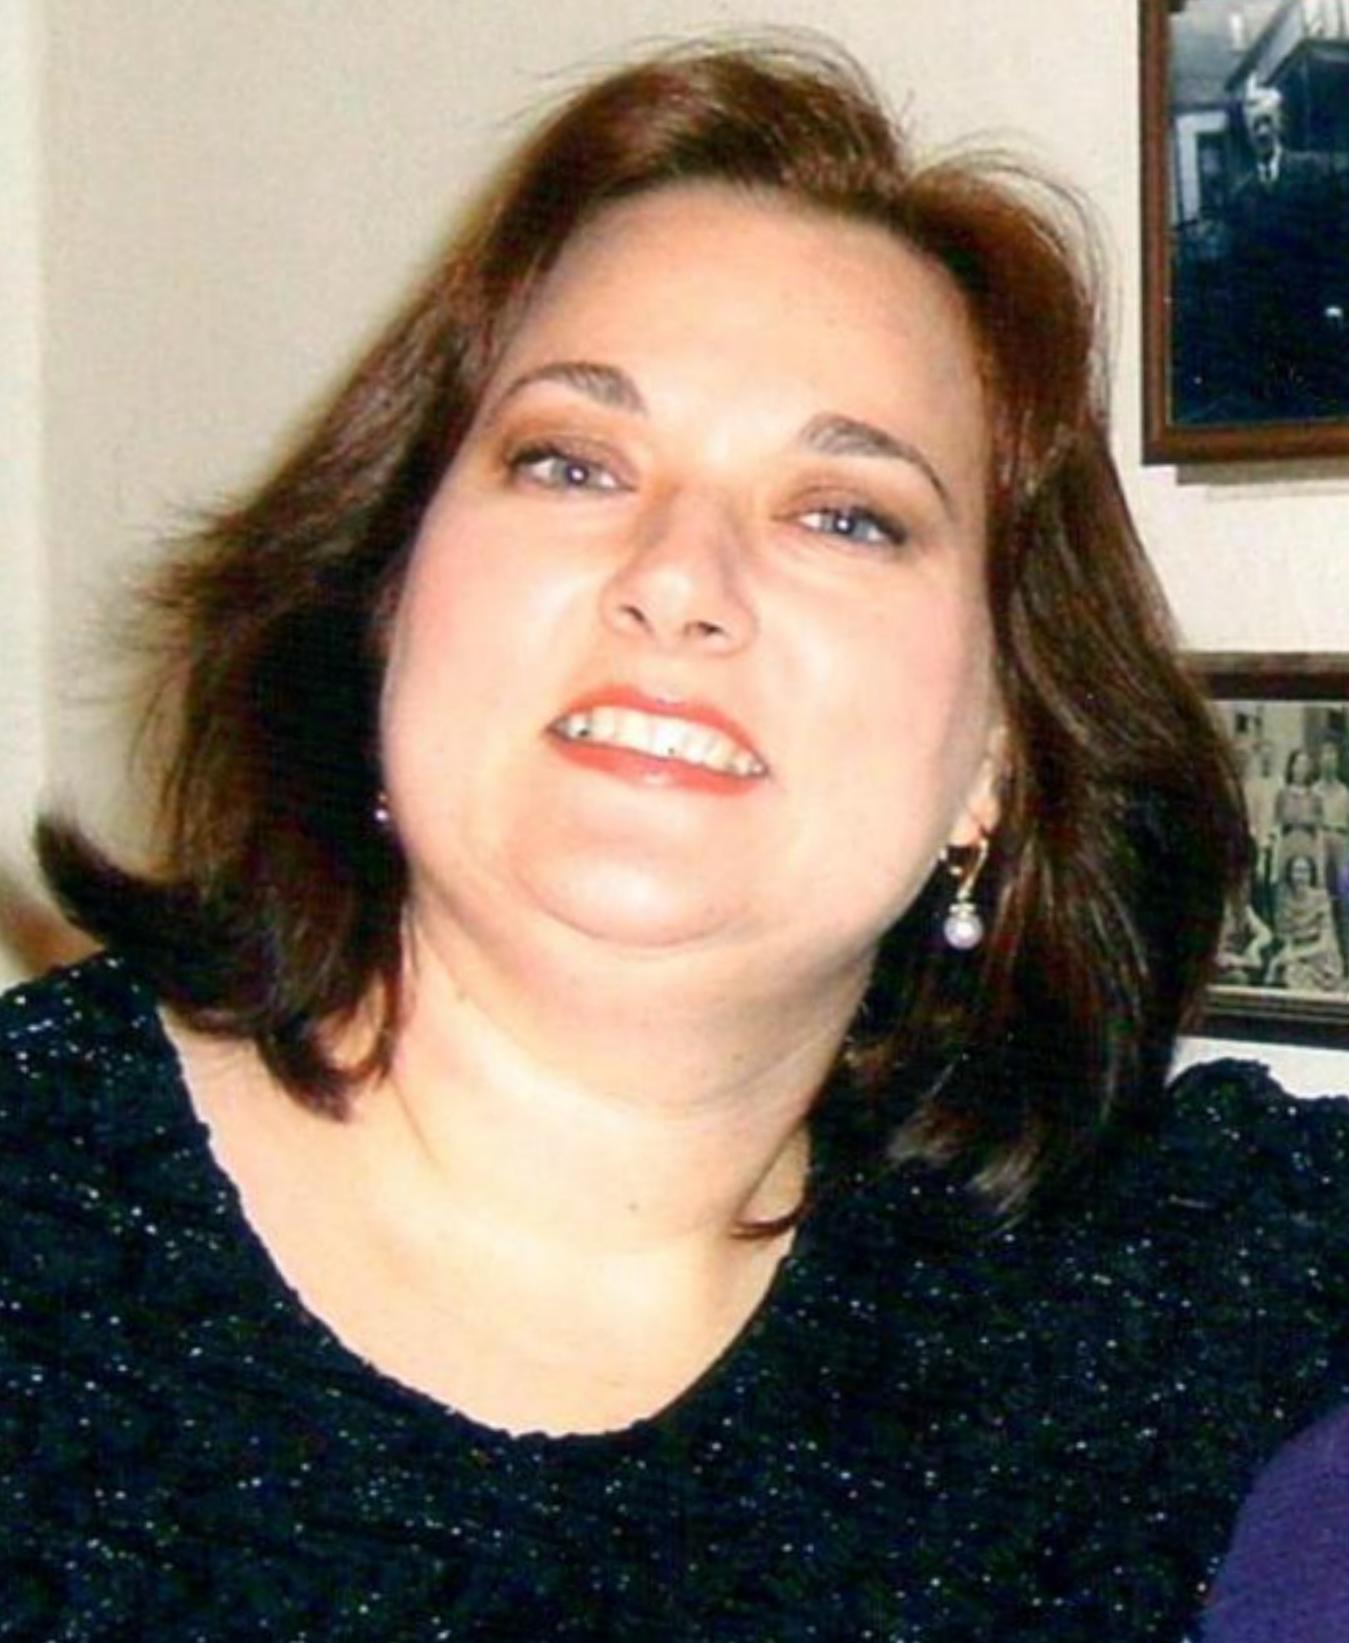 Olivia Grant (actress, born 1983) foto